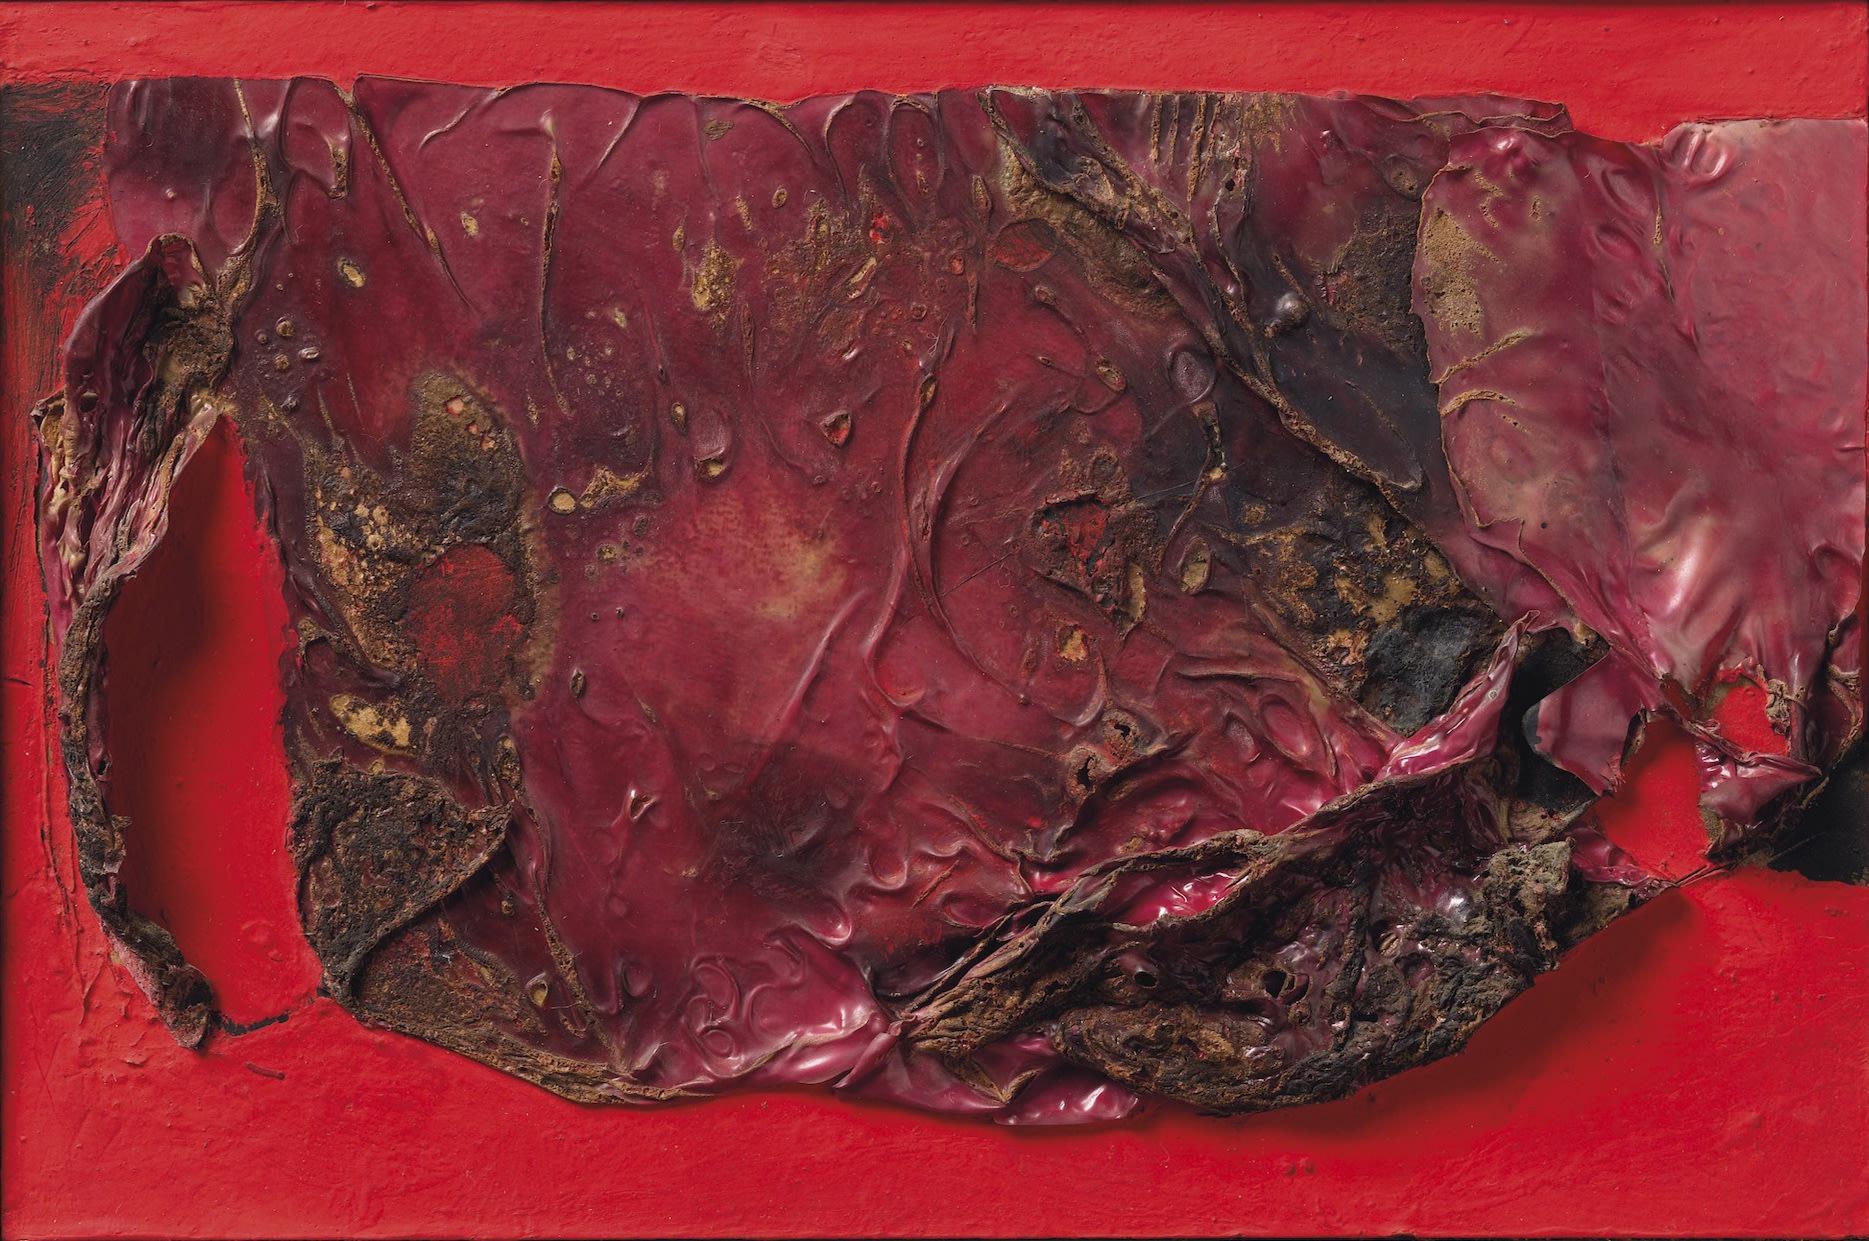 ALBERTO BURRI 1915 - 1995 Rosso Plastica, 1961